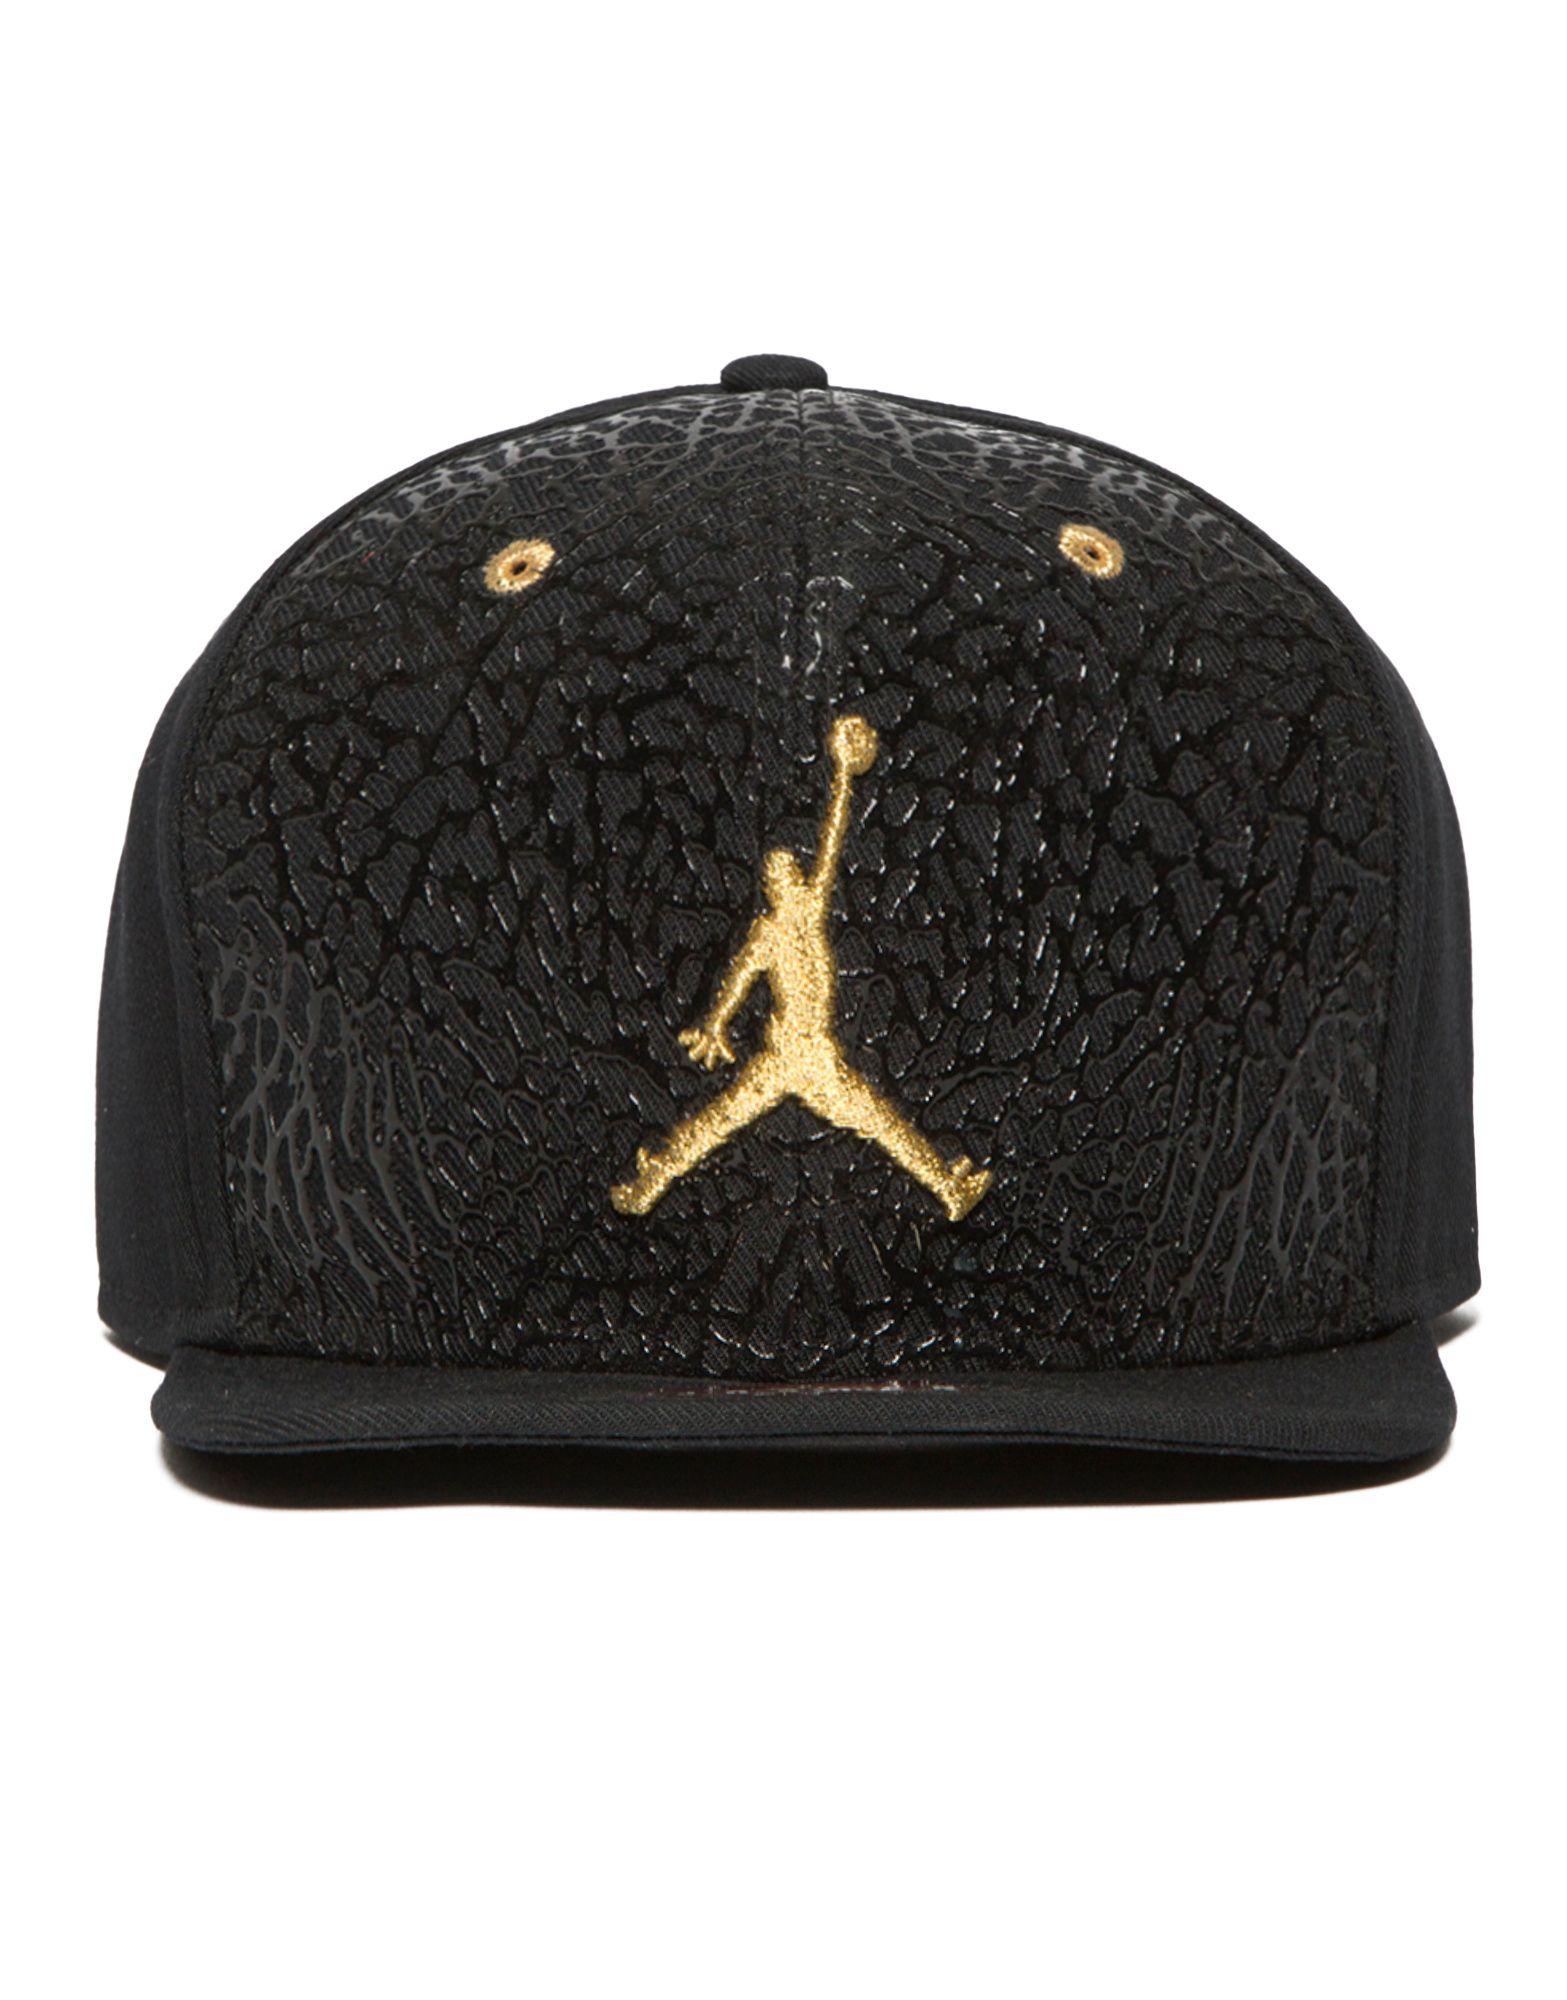 Jordan Caps Uk Custard Online Co Uk